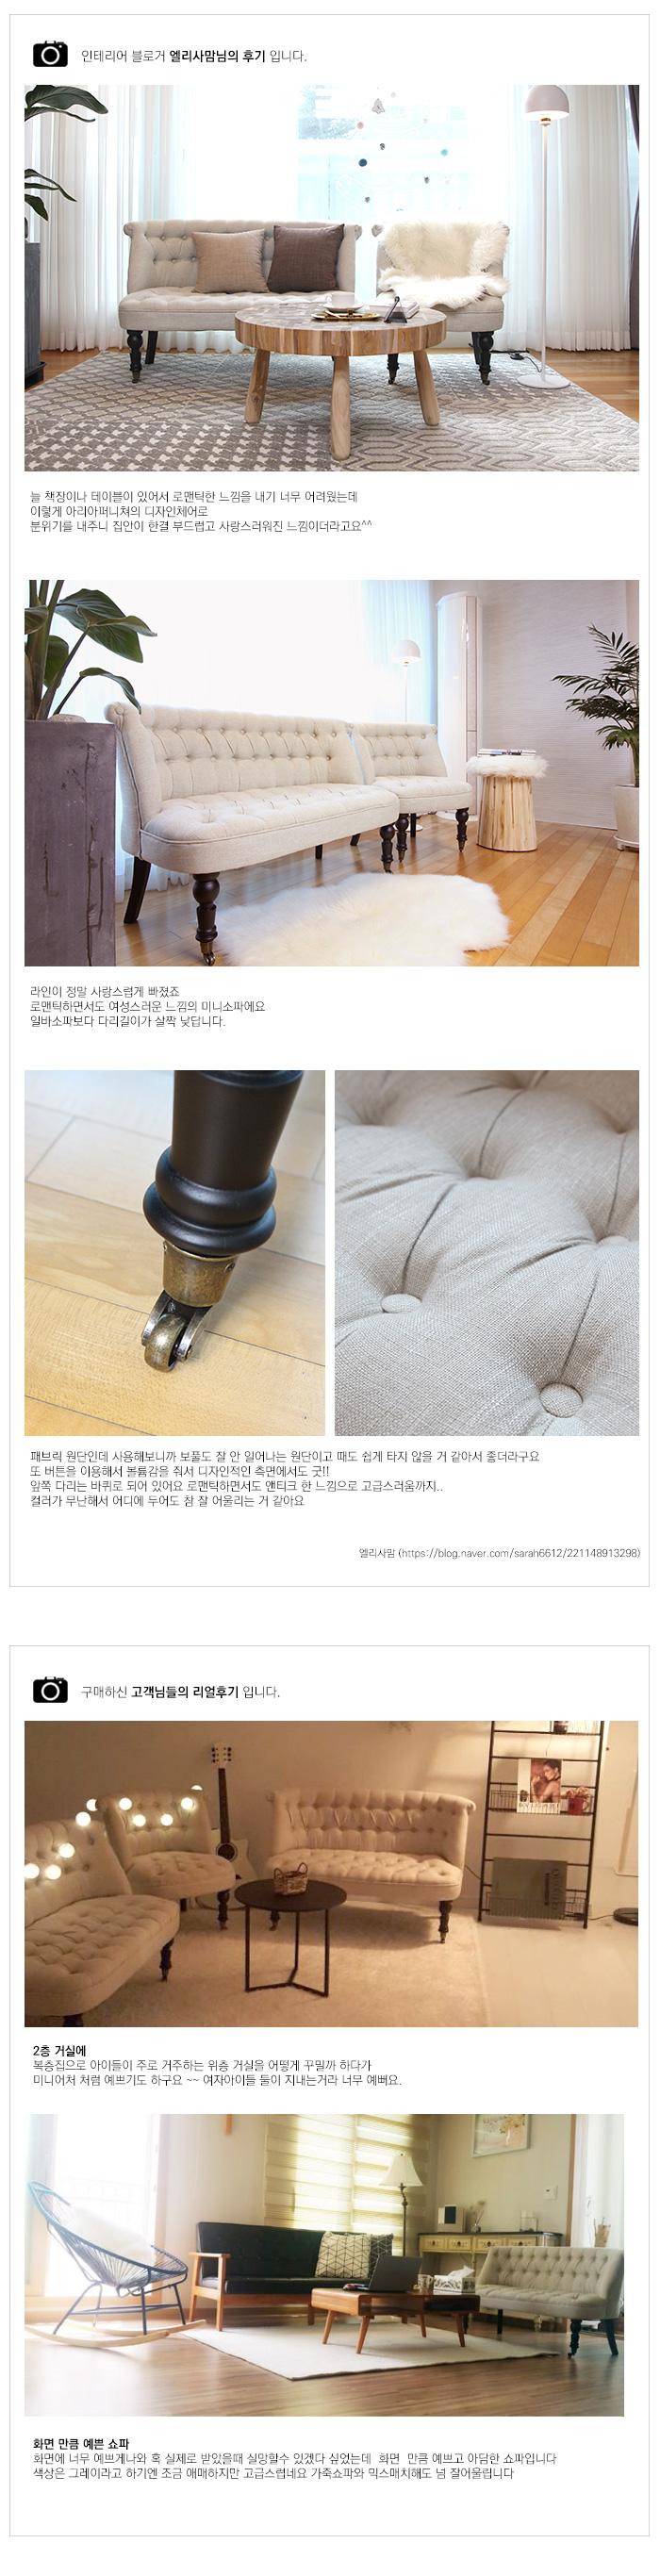 Dana-Chair-Review2.jpg